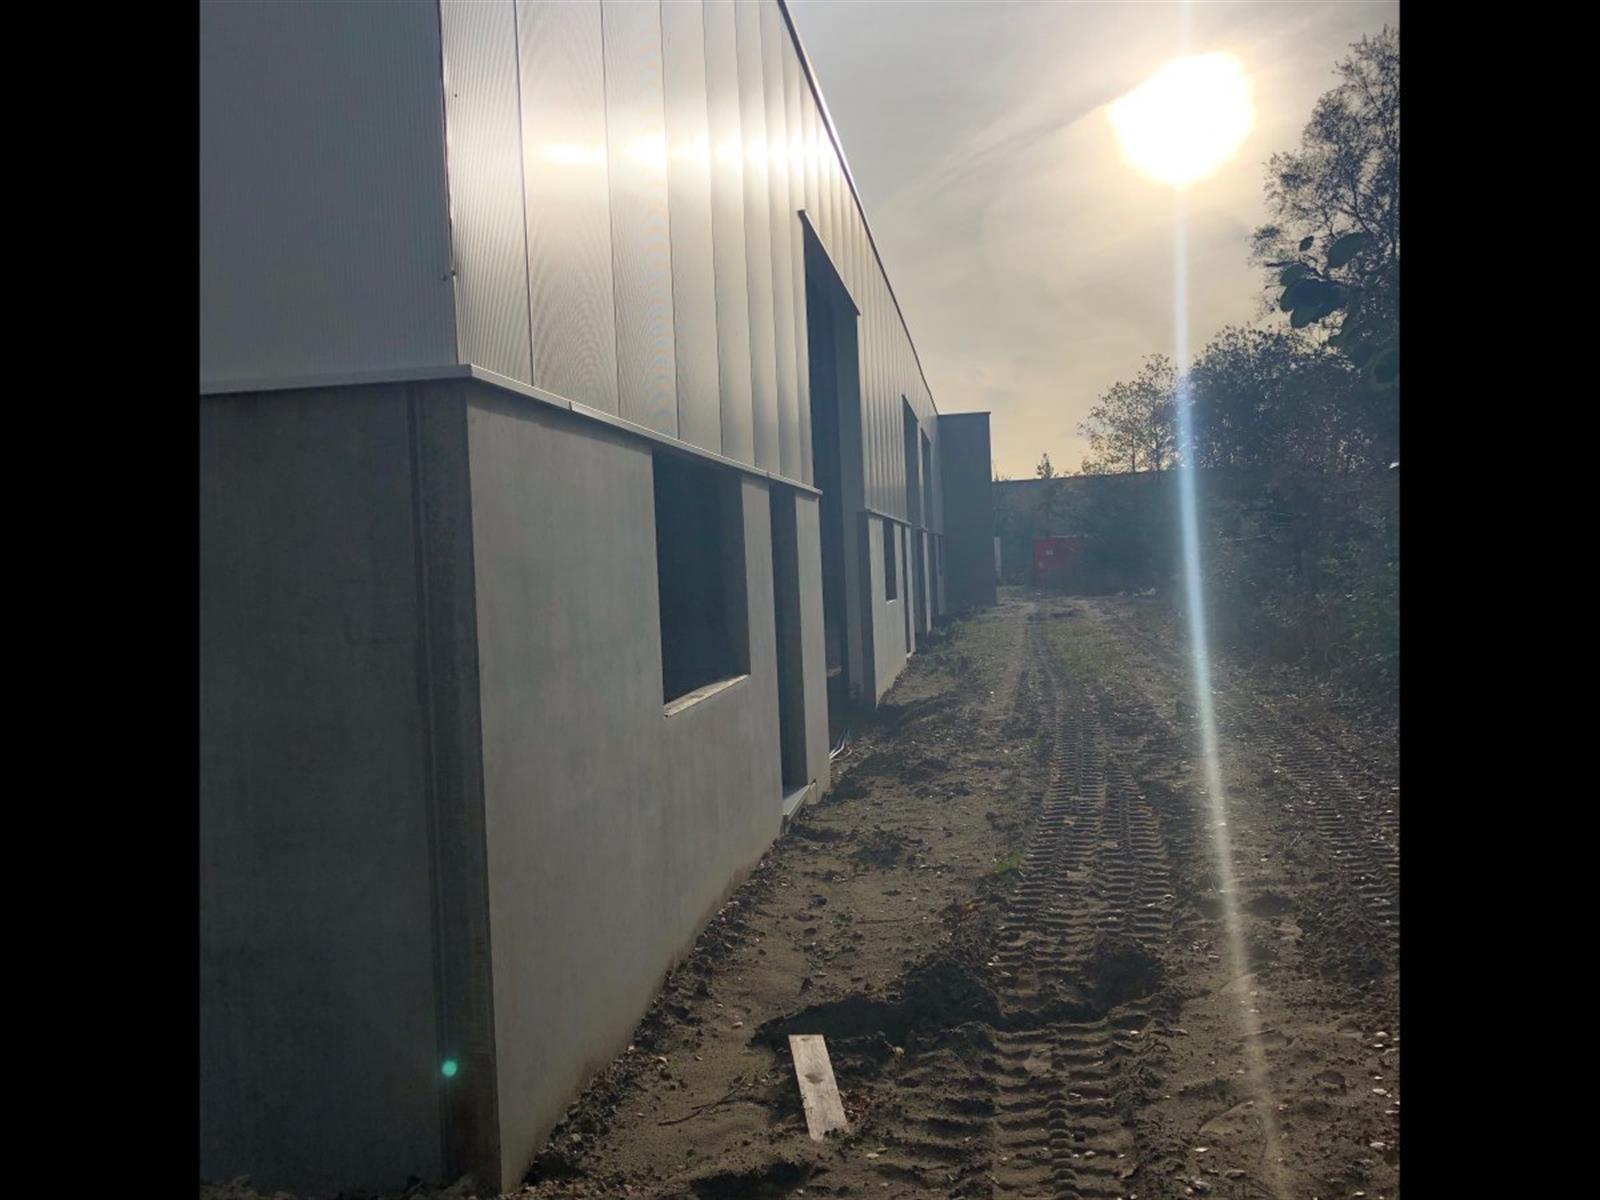 industrieel gebouw te koop I120 - Industriehal - Nieuwpoortlaan 15 A, 3600 Genk, België 7